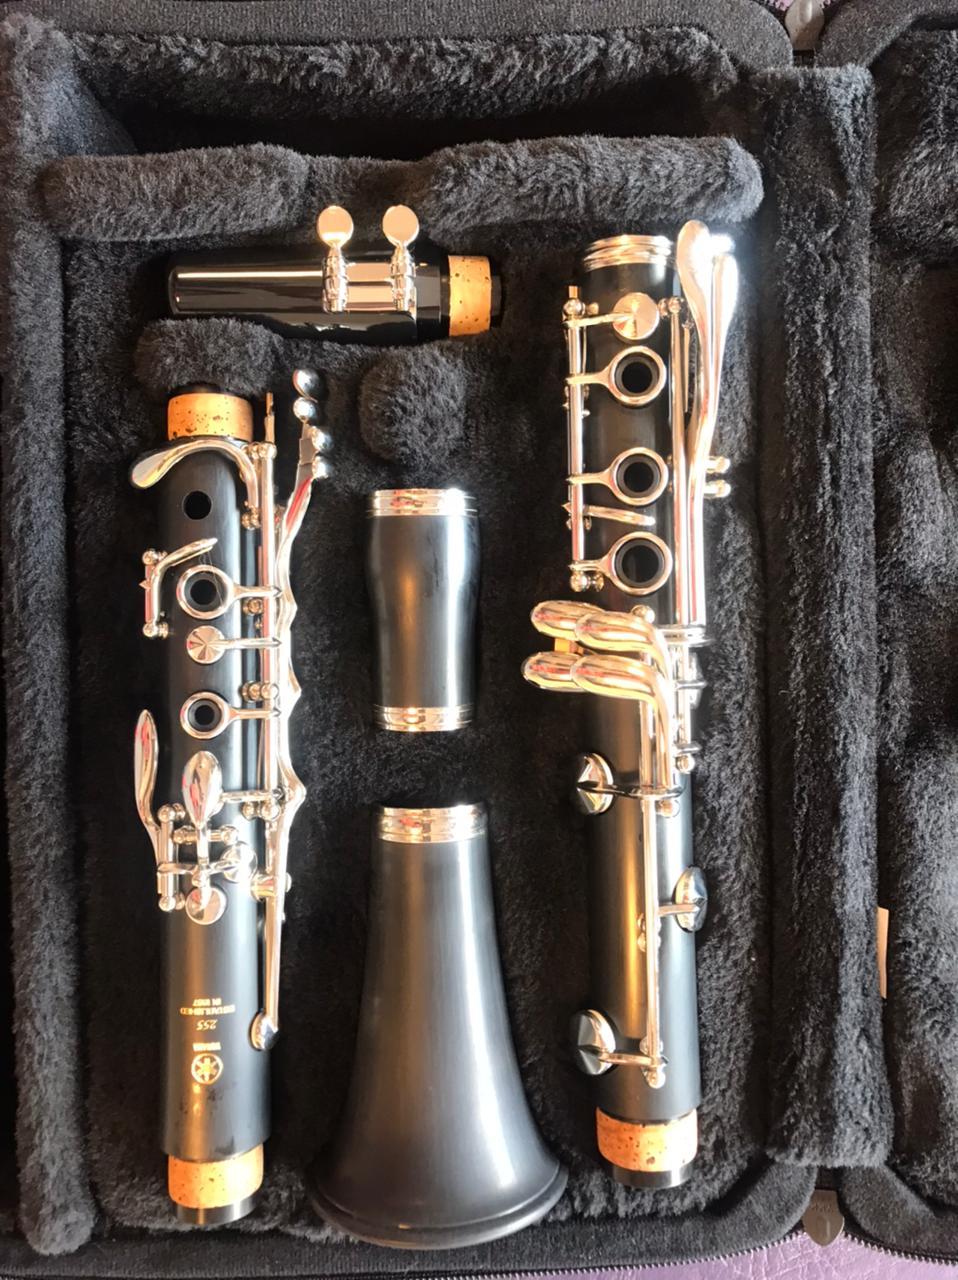 La directora de la Orquesta Infanto Juvenil Municipal de Barrio Kennedy, María Auil nos contó sobre la adquisición de un nuevo instrumento 2